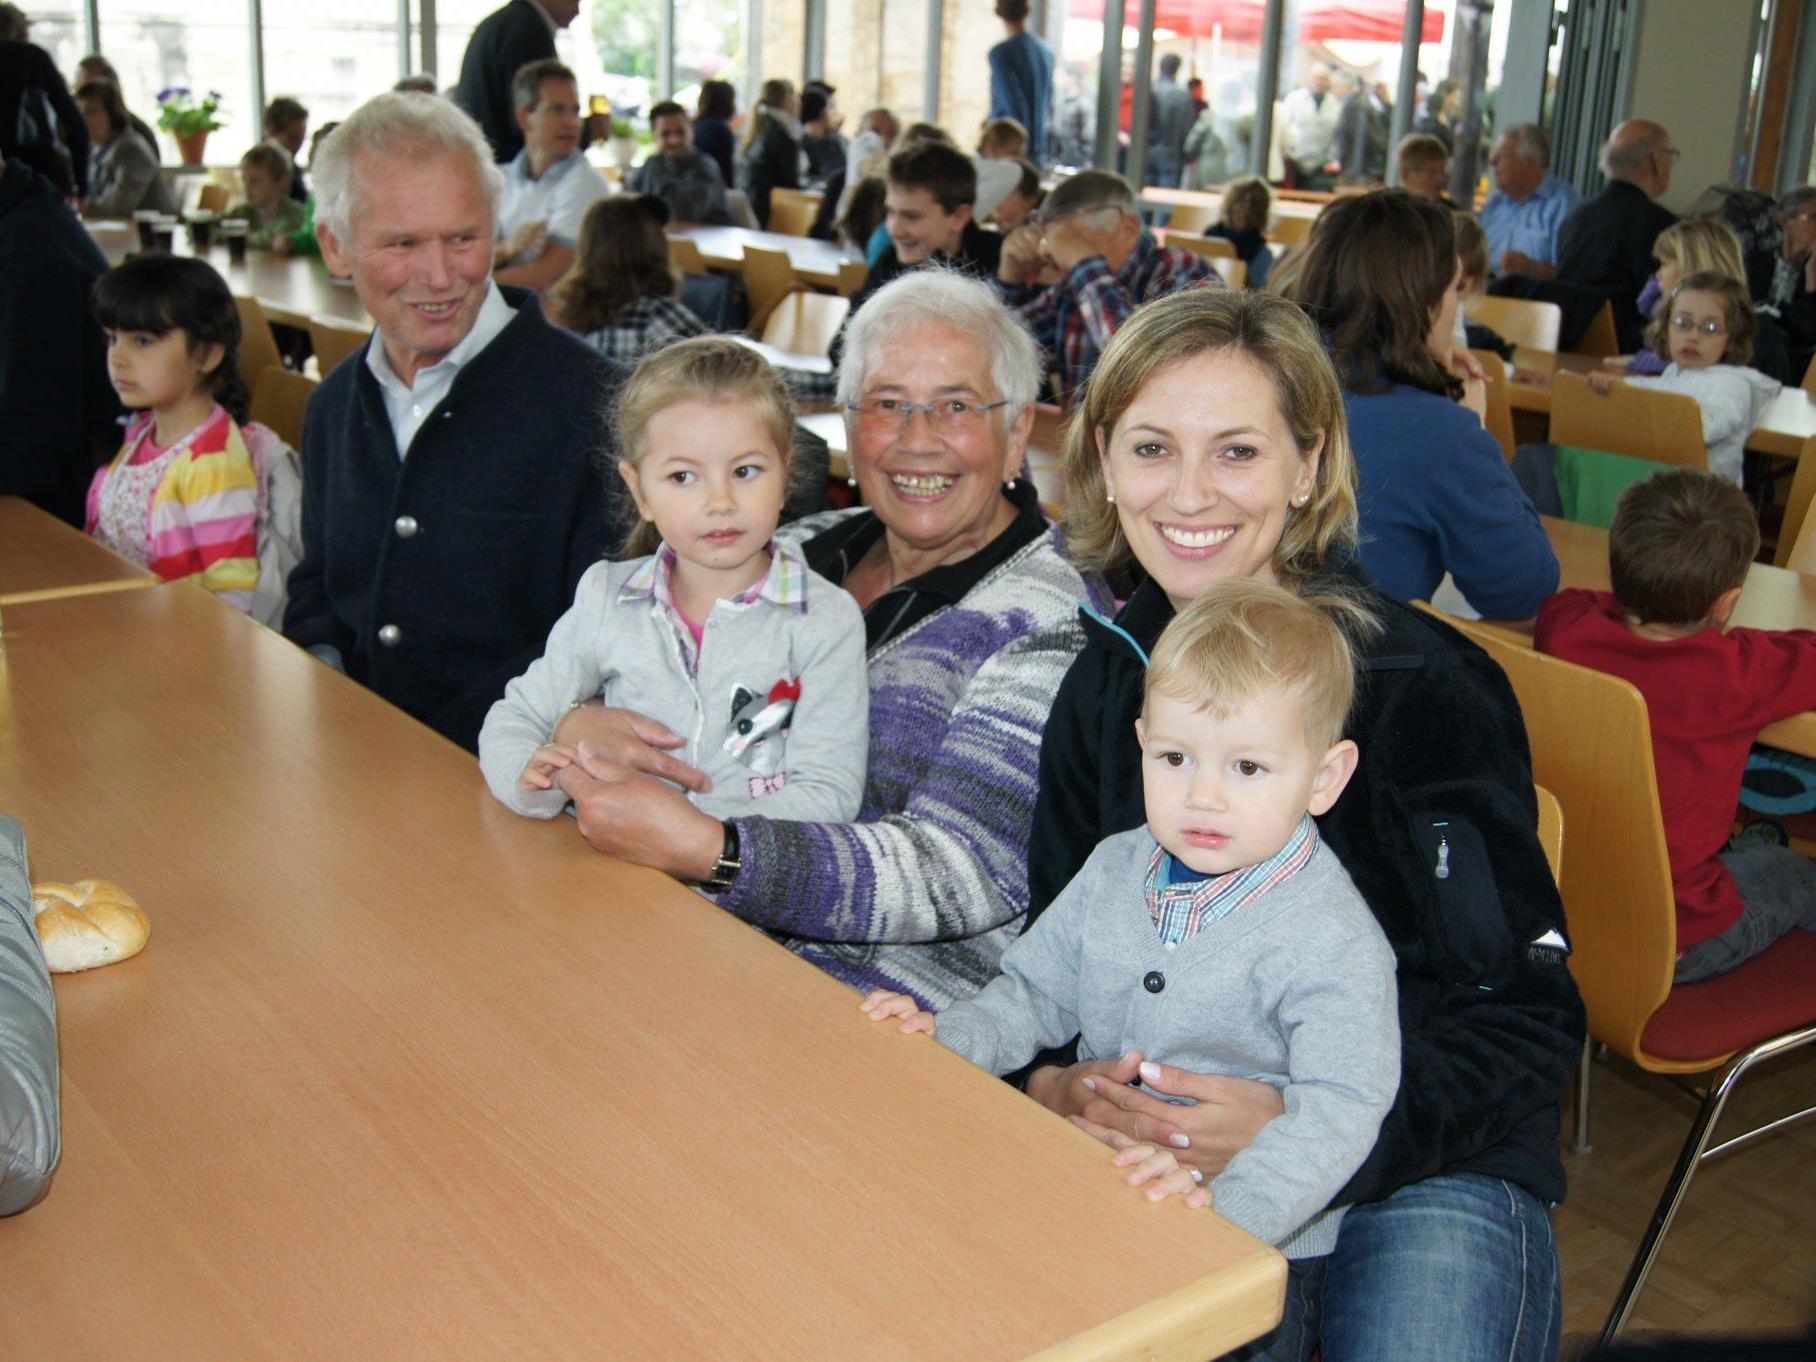 Fest im Pfarrheim: Claudia mit ihren Kindern Lisa und Tobias, Martha und Max Schwärzler.